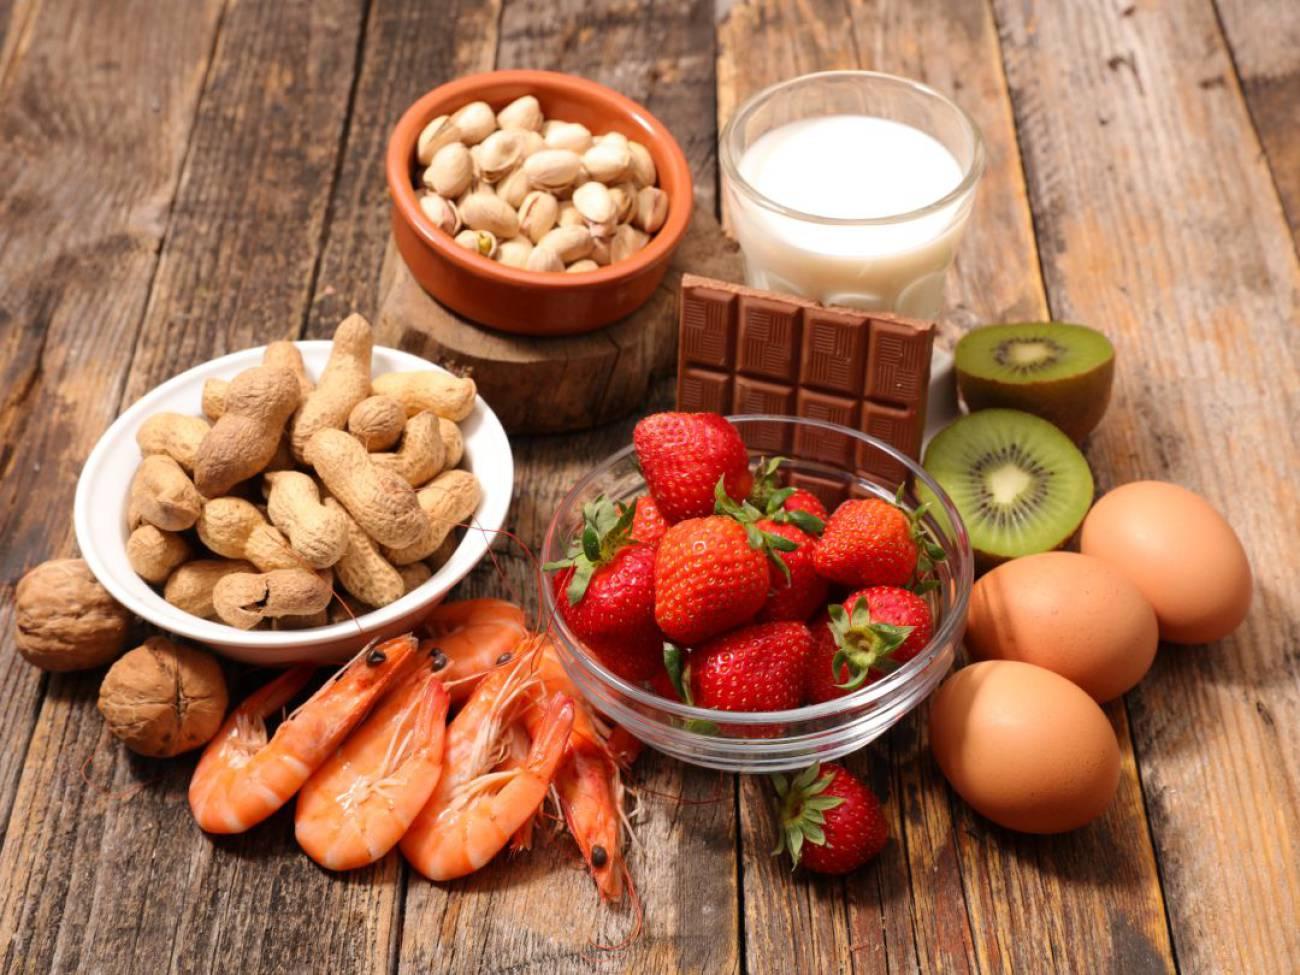 Elaboración y manipulación de menús adaptados a las distintas alergias e intolerancias alimentarias